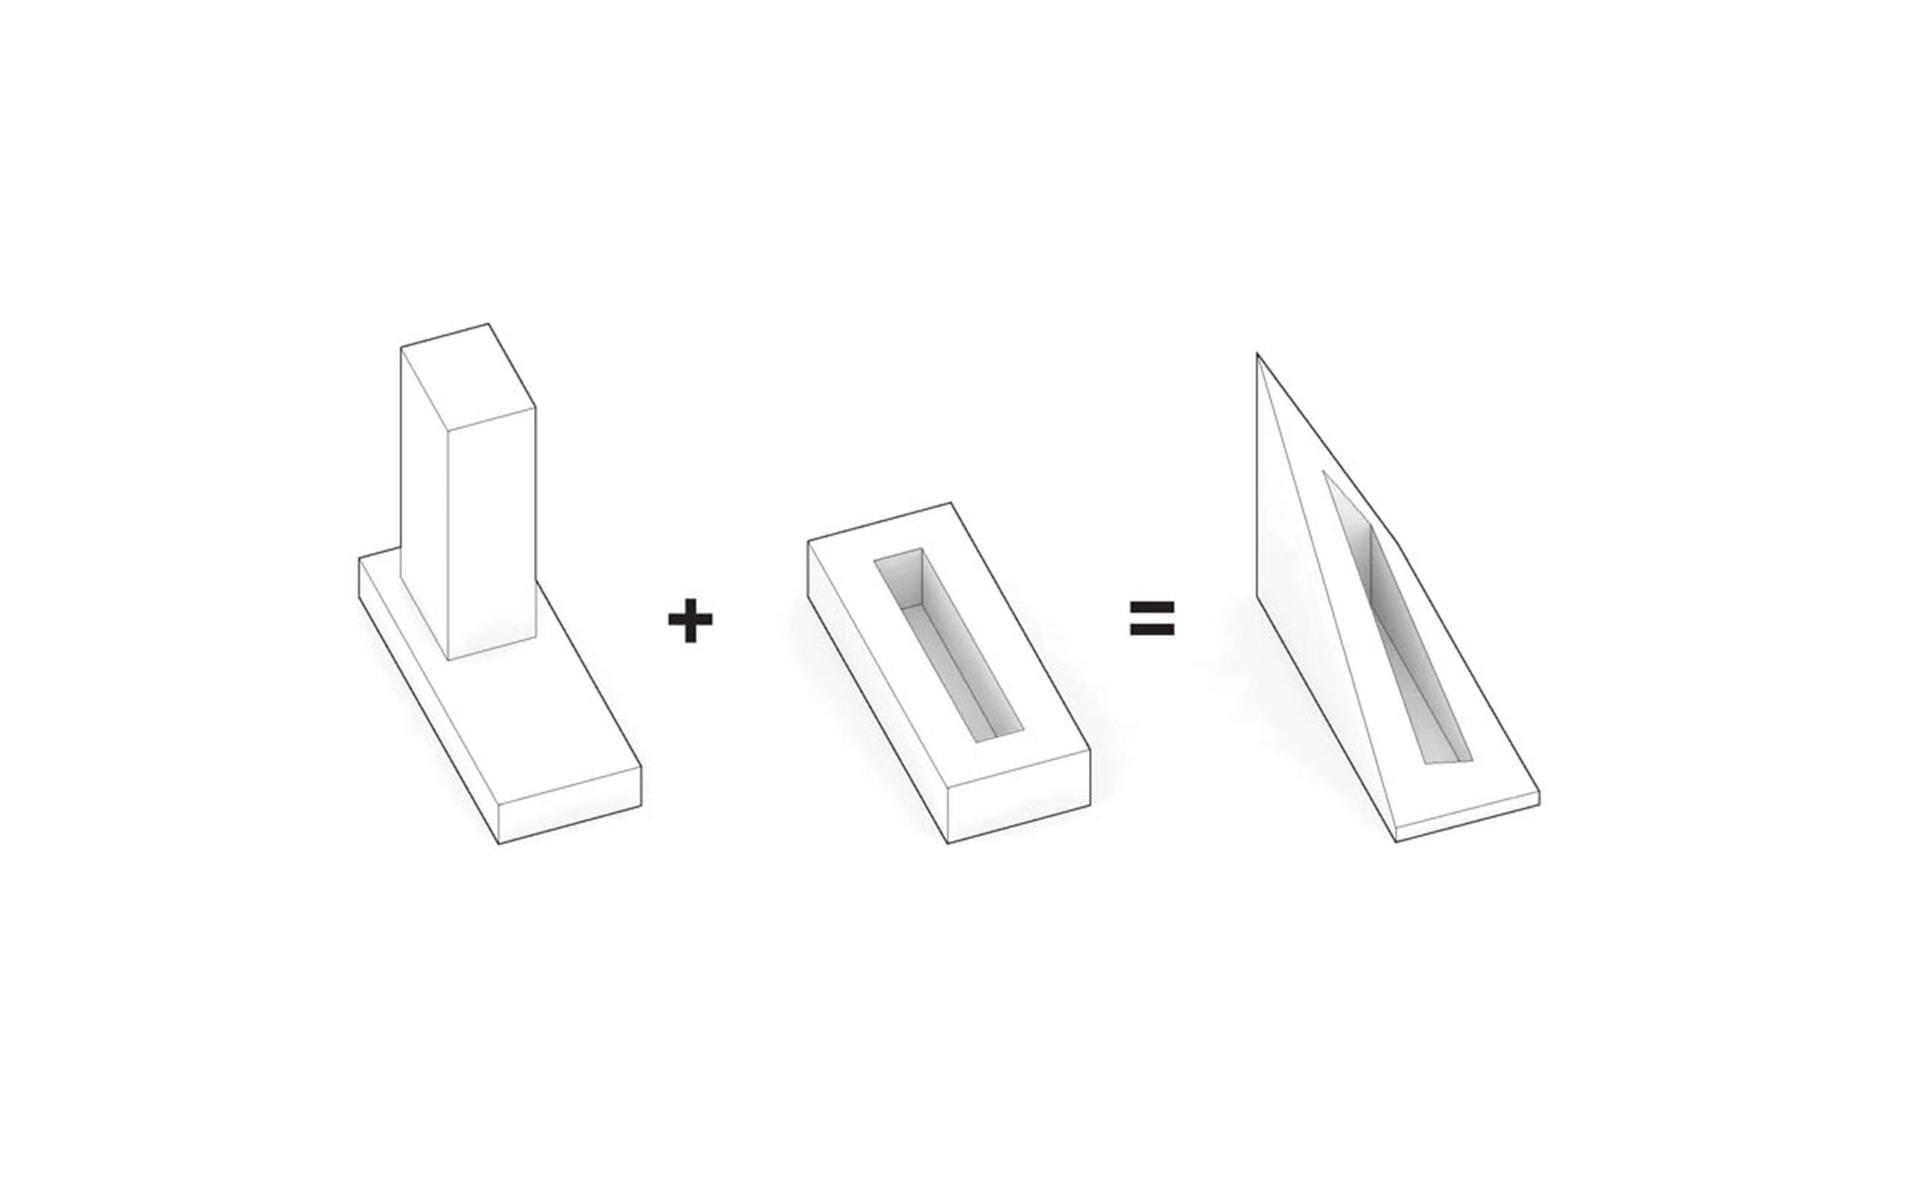 VIA_Diagram by BIG - Bjarke Ingels Group_01_original (Copy)